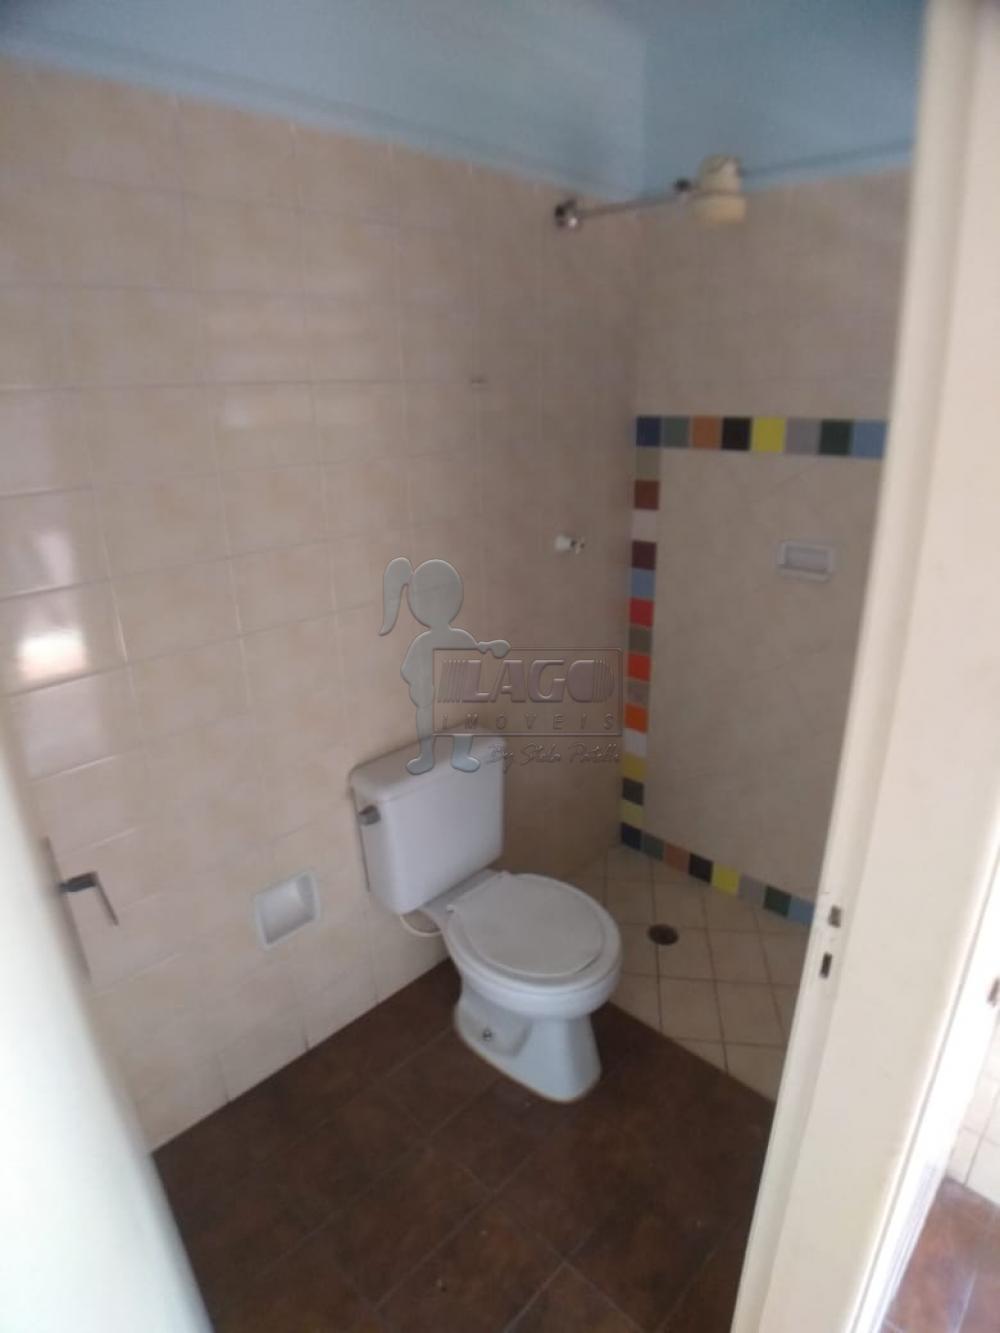 Alugar Casas / Padrão em Ribeirão Preto apenas R$ 1.800,00 - Foto 4